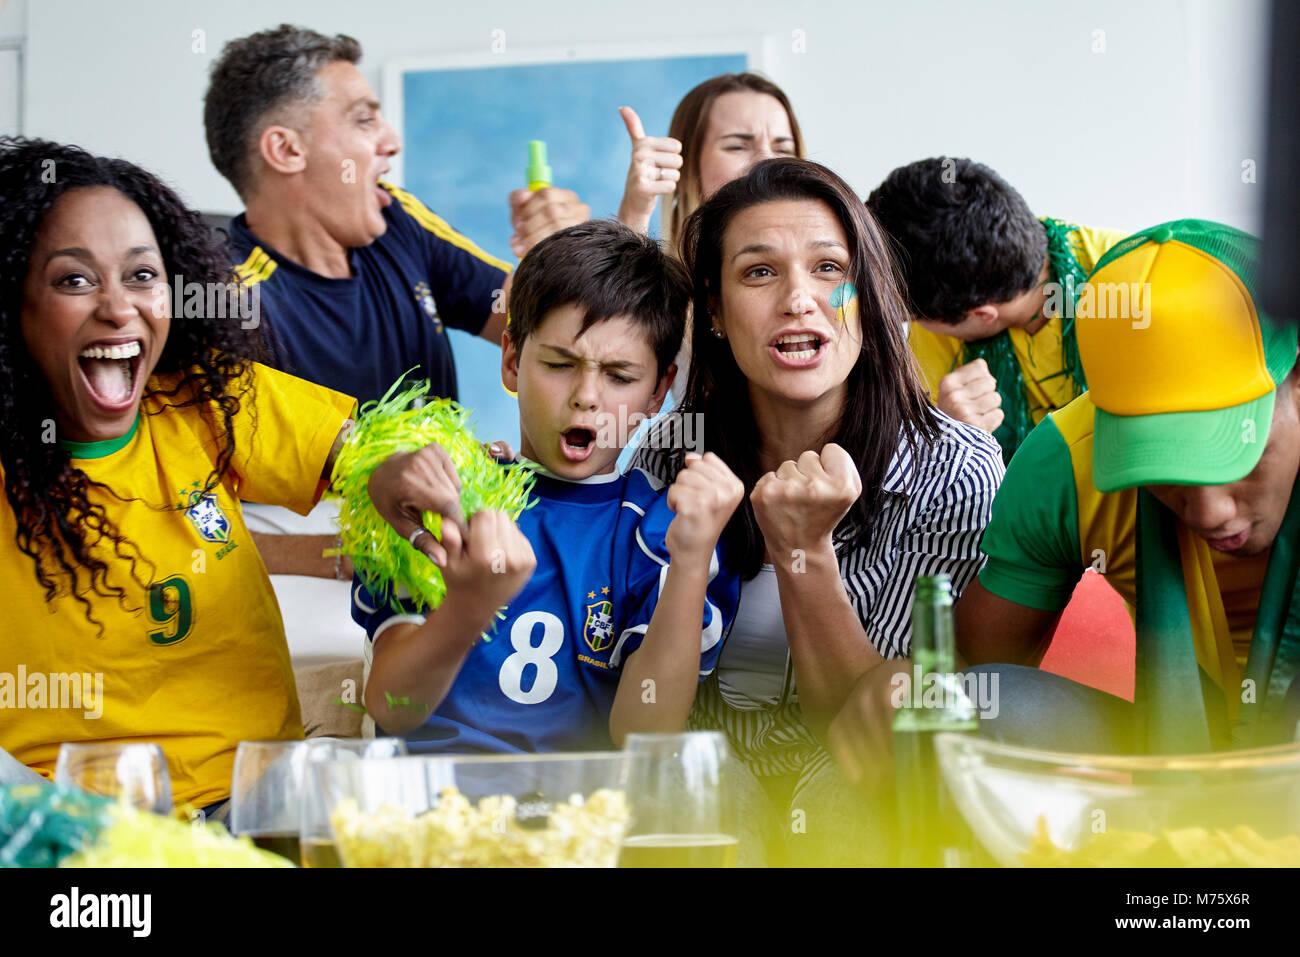 Brasilianischen Fußball-Fans feiern Sieg während Gleiches zu Hause beobachten Stockbild